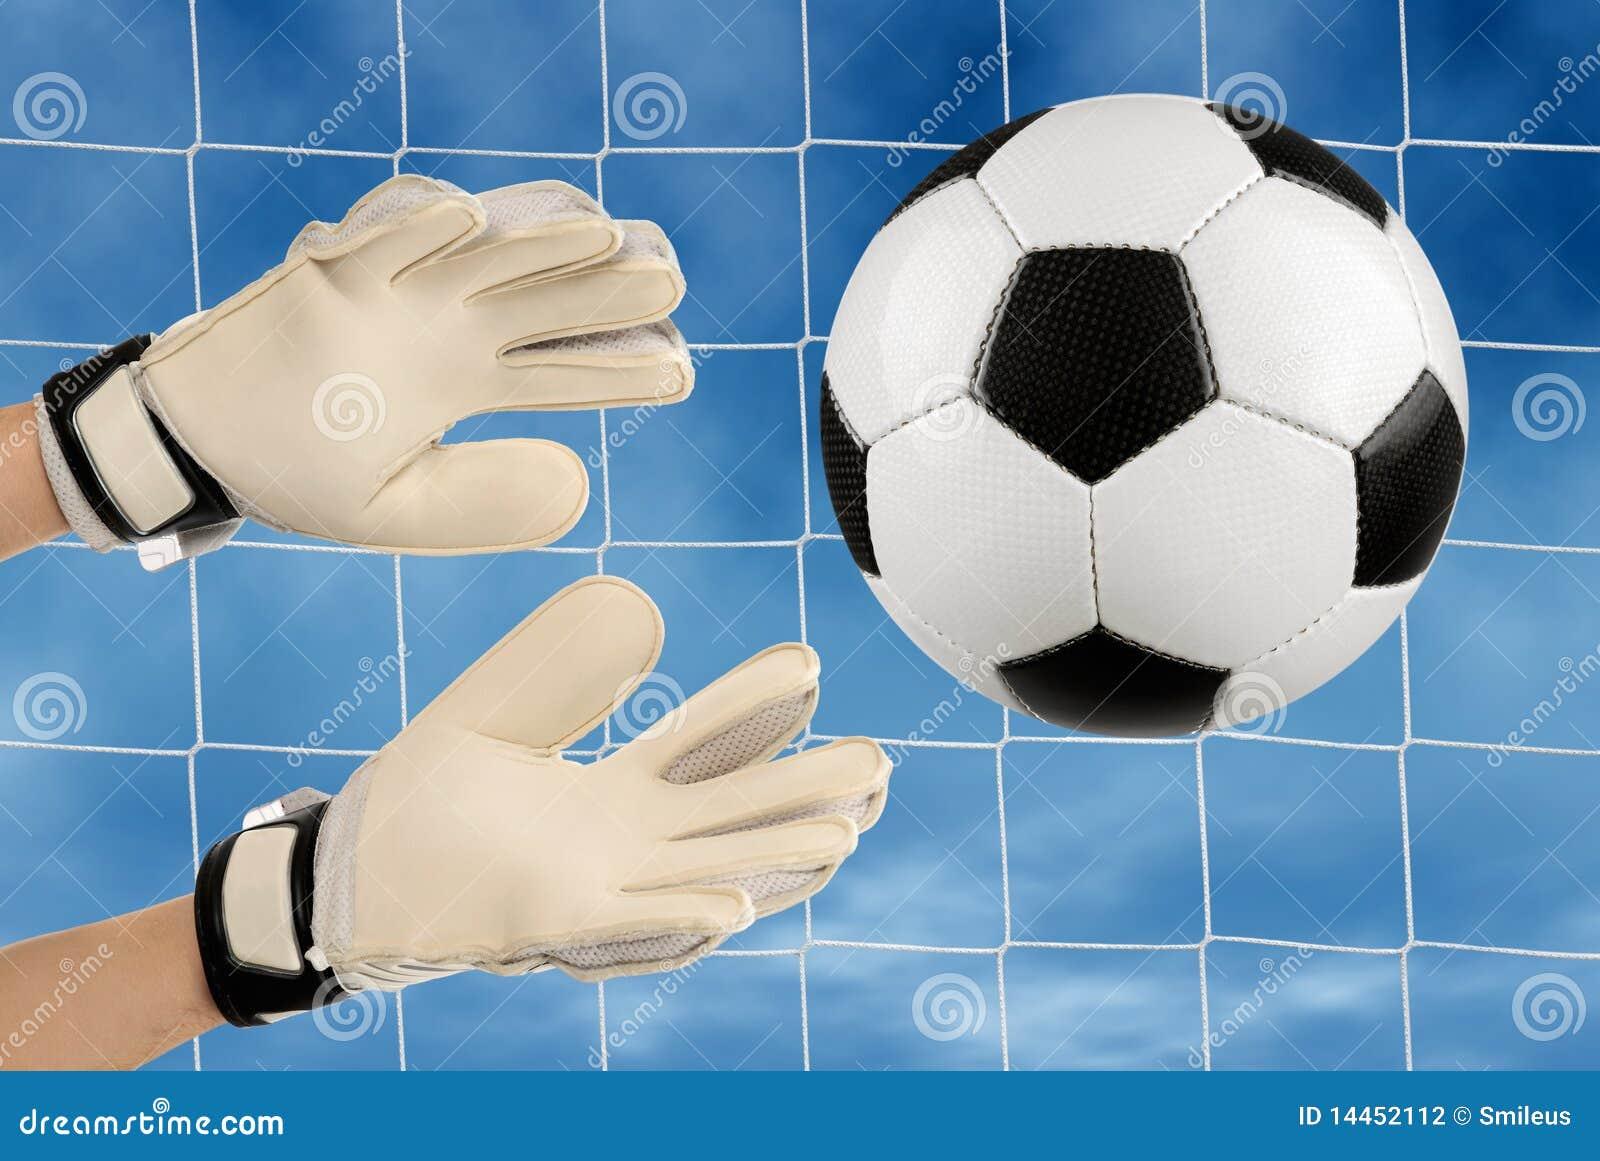 Если вратарь берет мяч в руки от своего